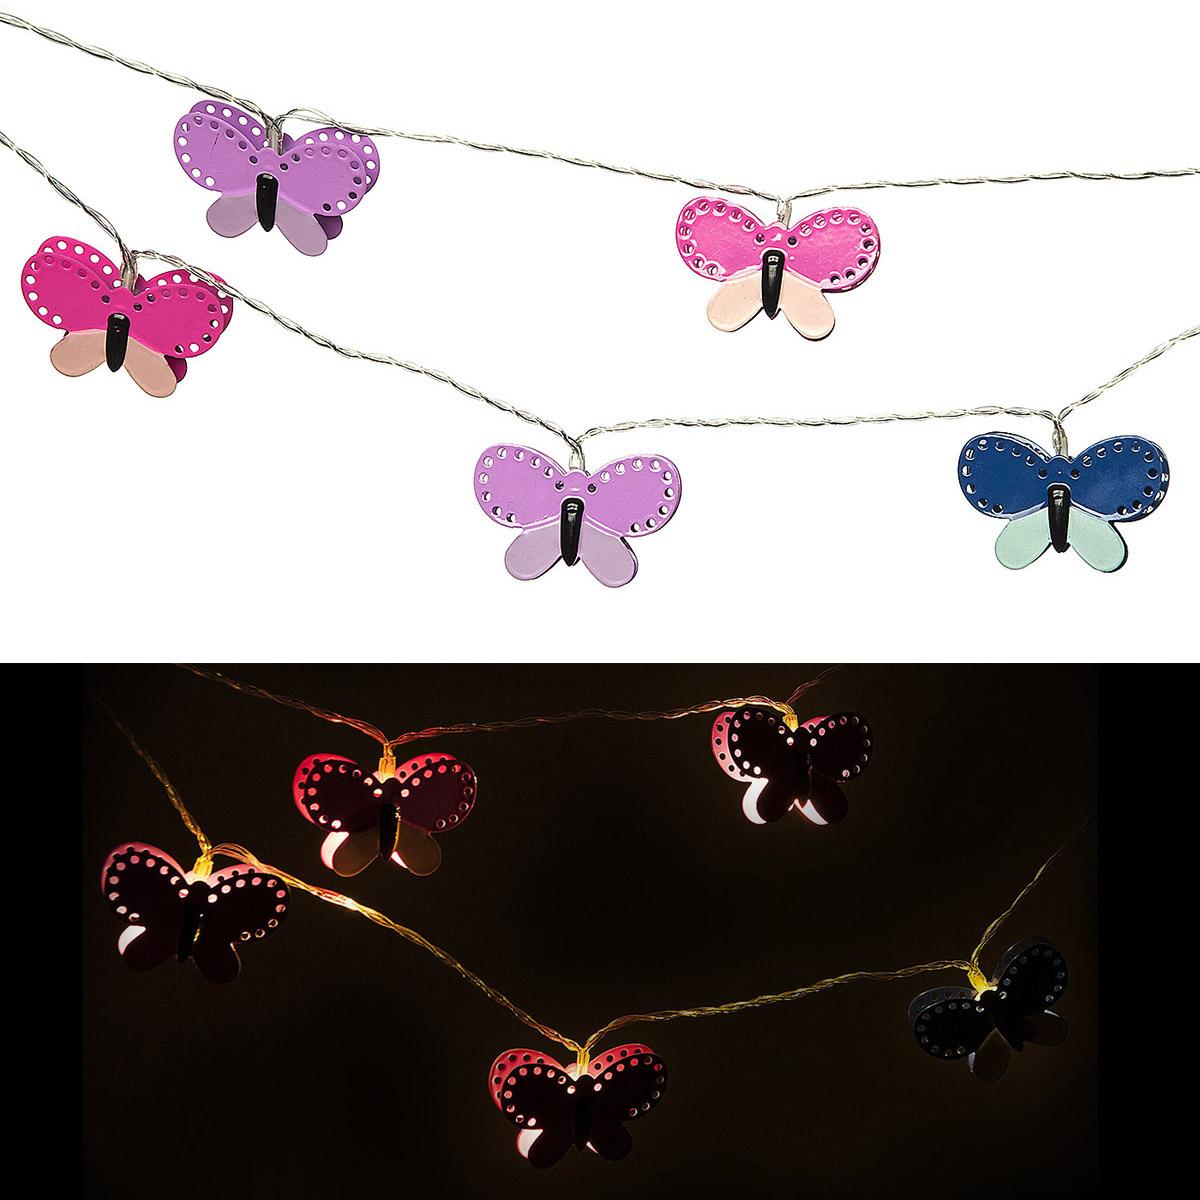 """Светильник Planet Garden """"Бабочки"""", 135 см, 10 ламп, цвет: бирюзовый, голубой, розовый, фиолетовый"""